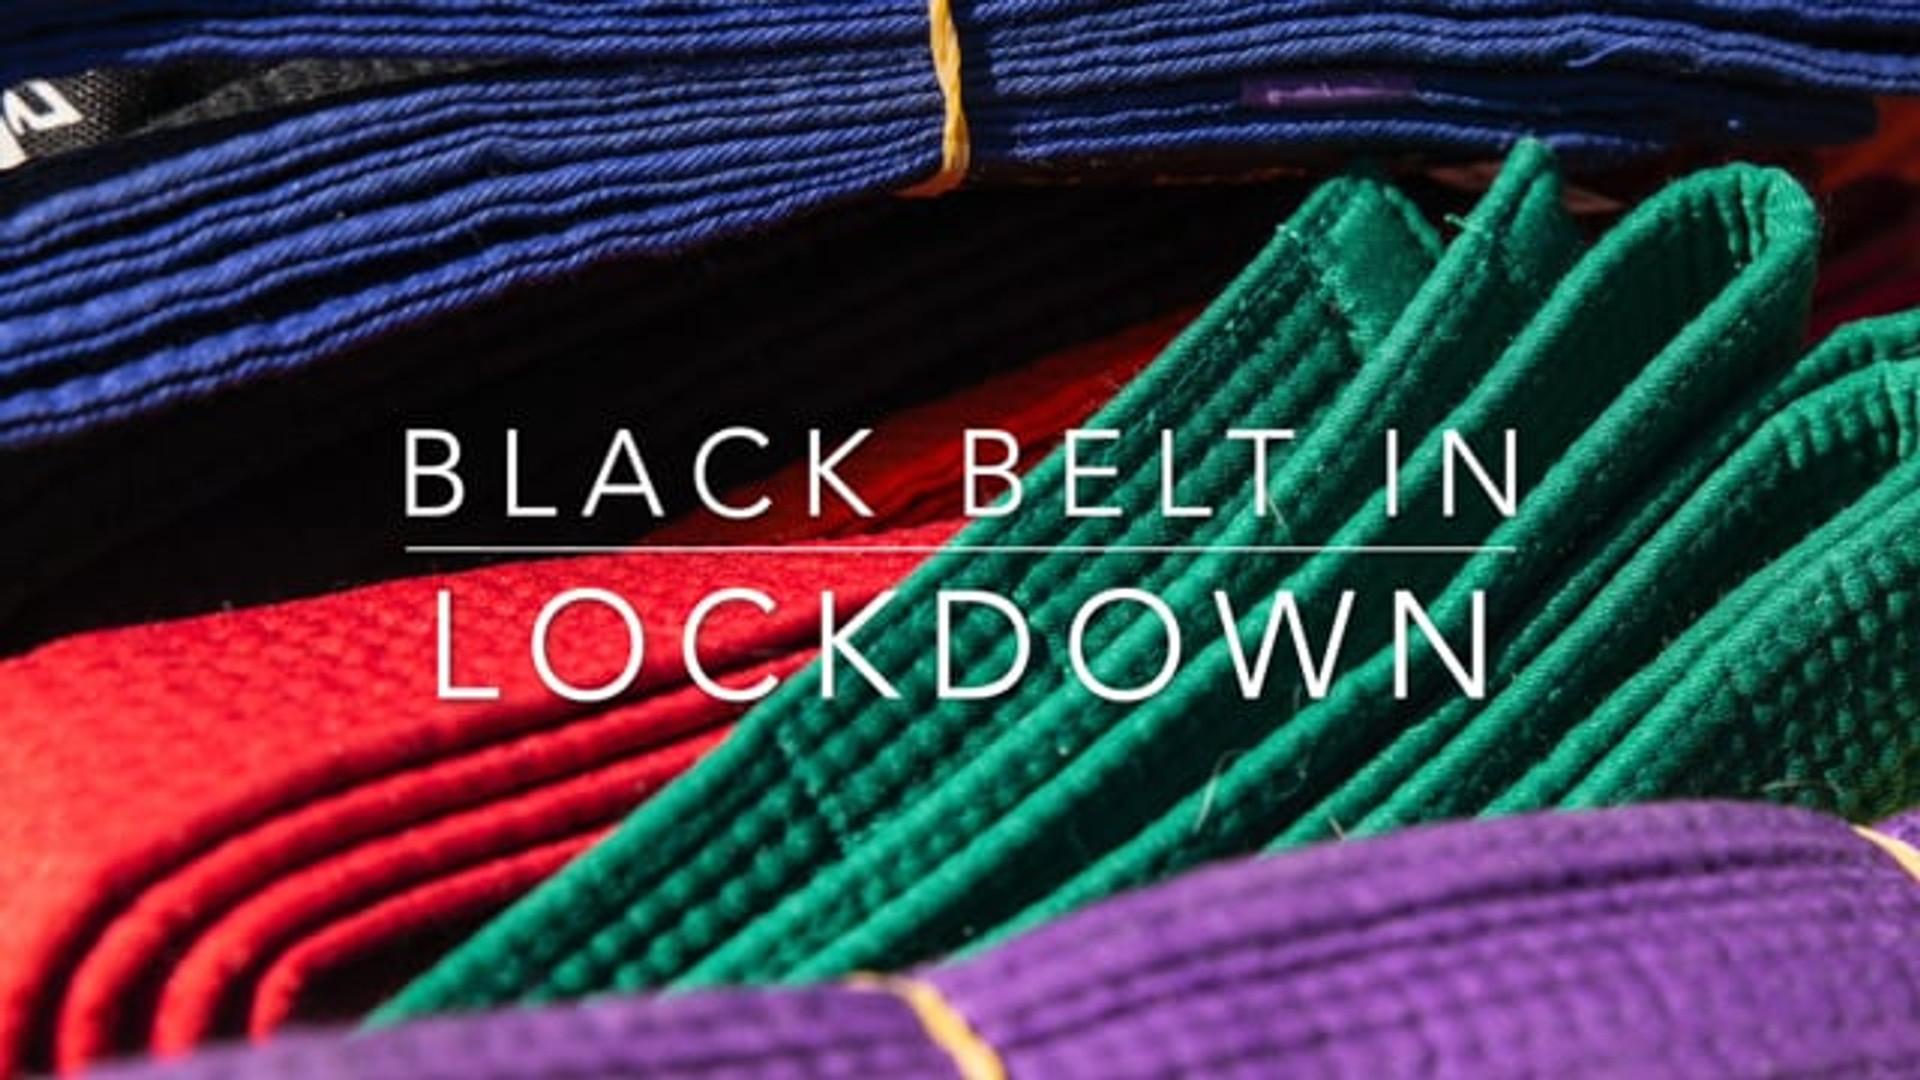 Black Belt in Lockdown